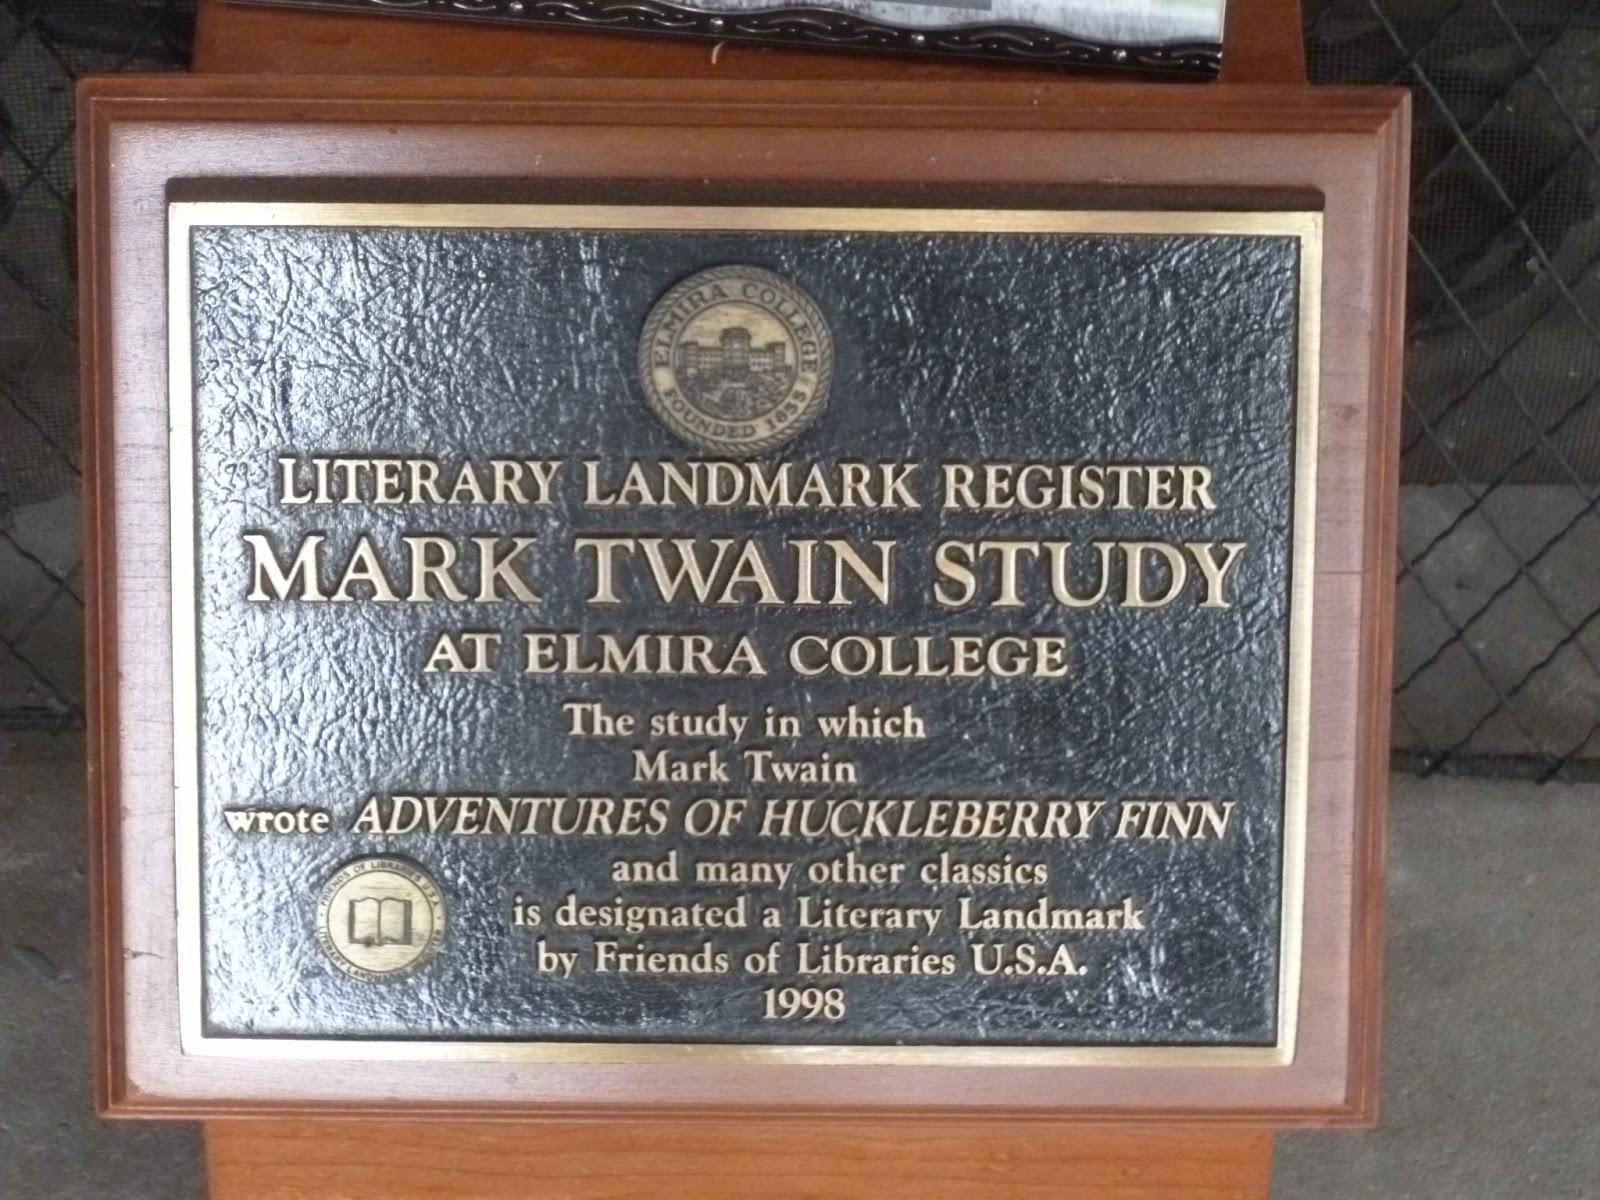 photo ops mark twain in elmira ny mark twain study